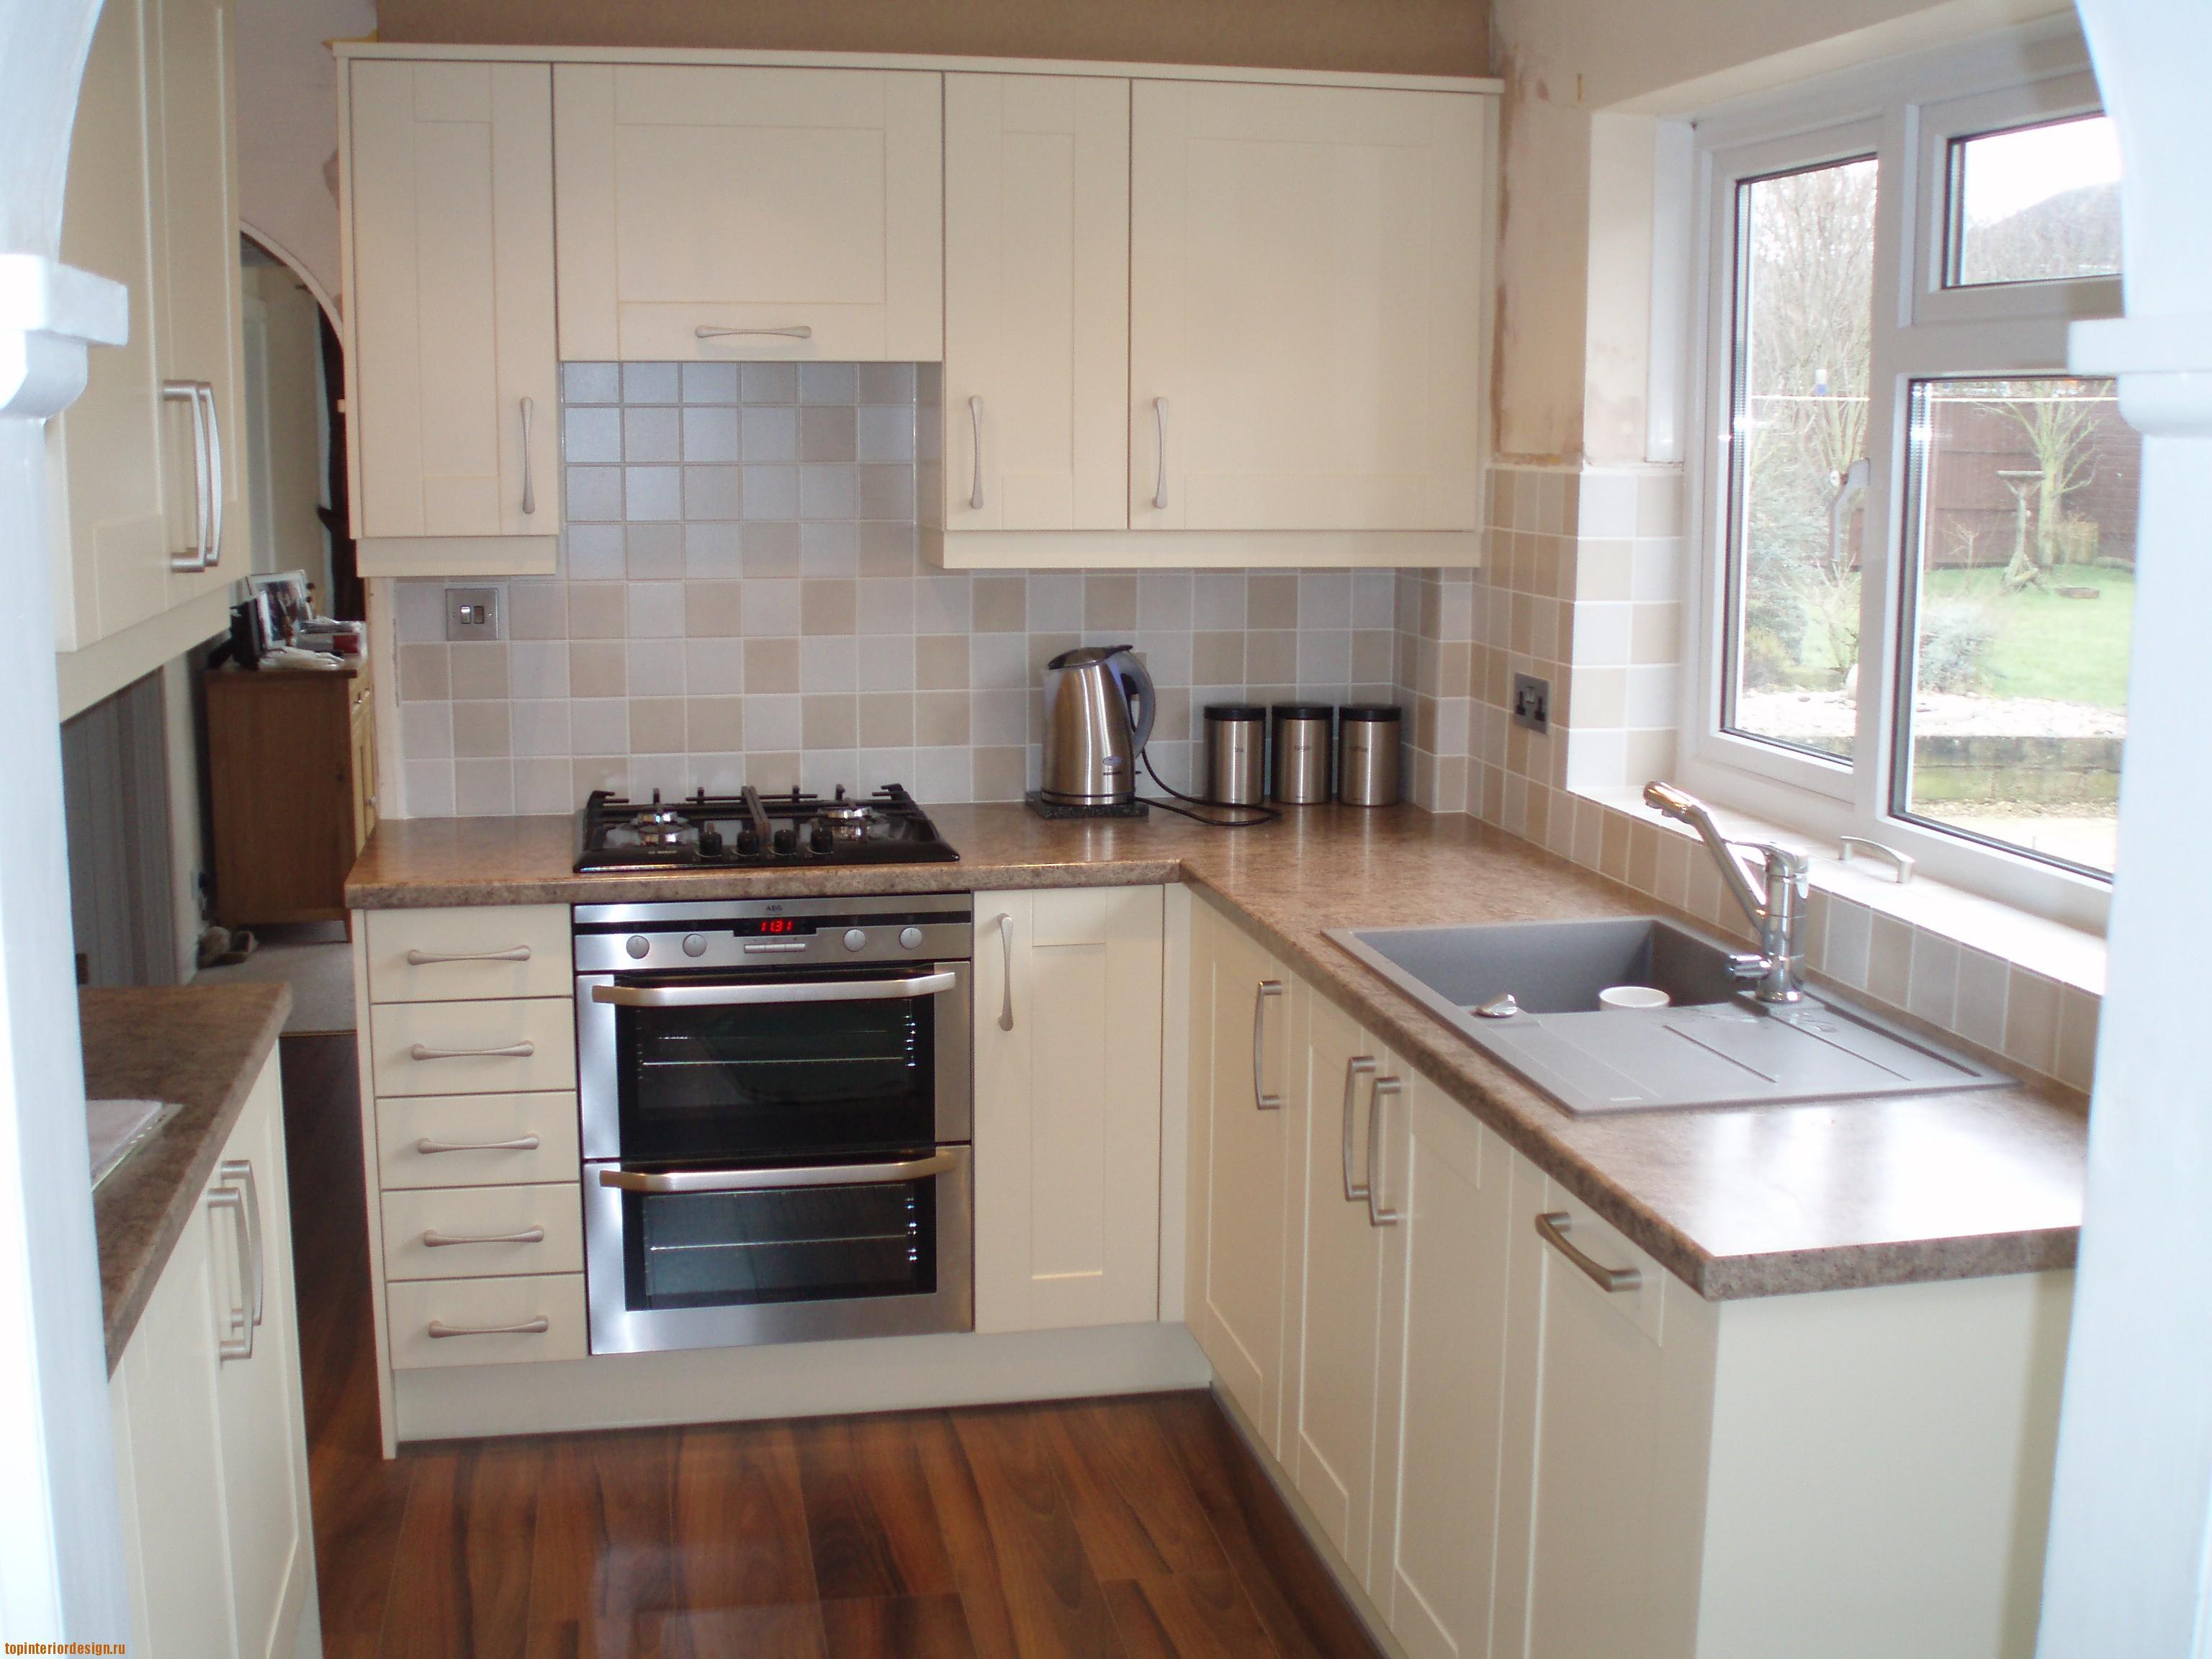 Дизайн кухни с угловой мебелью (52 фото)